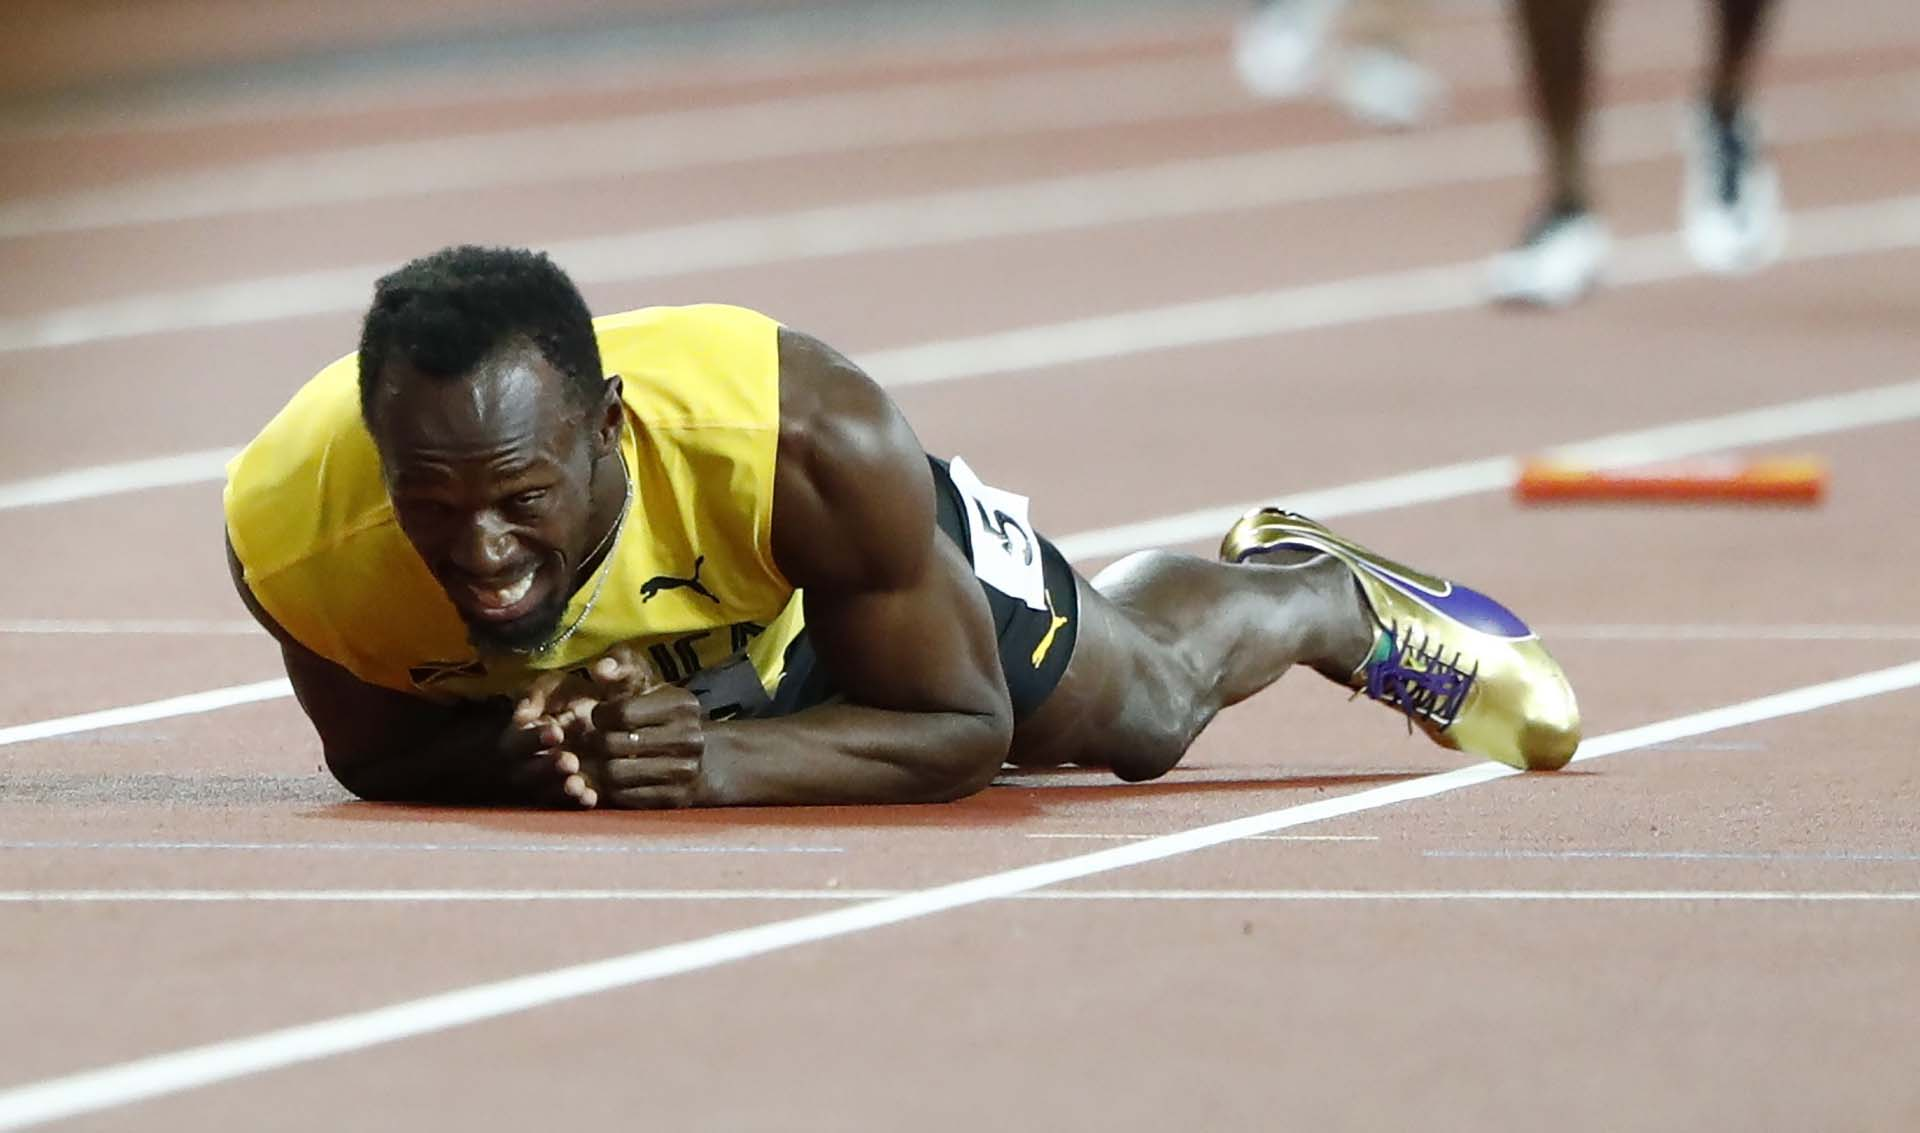 El dolor del atleta jamaiquino, que conquistó 19 medallas de oro en su carrera